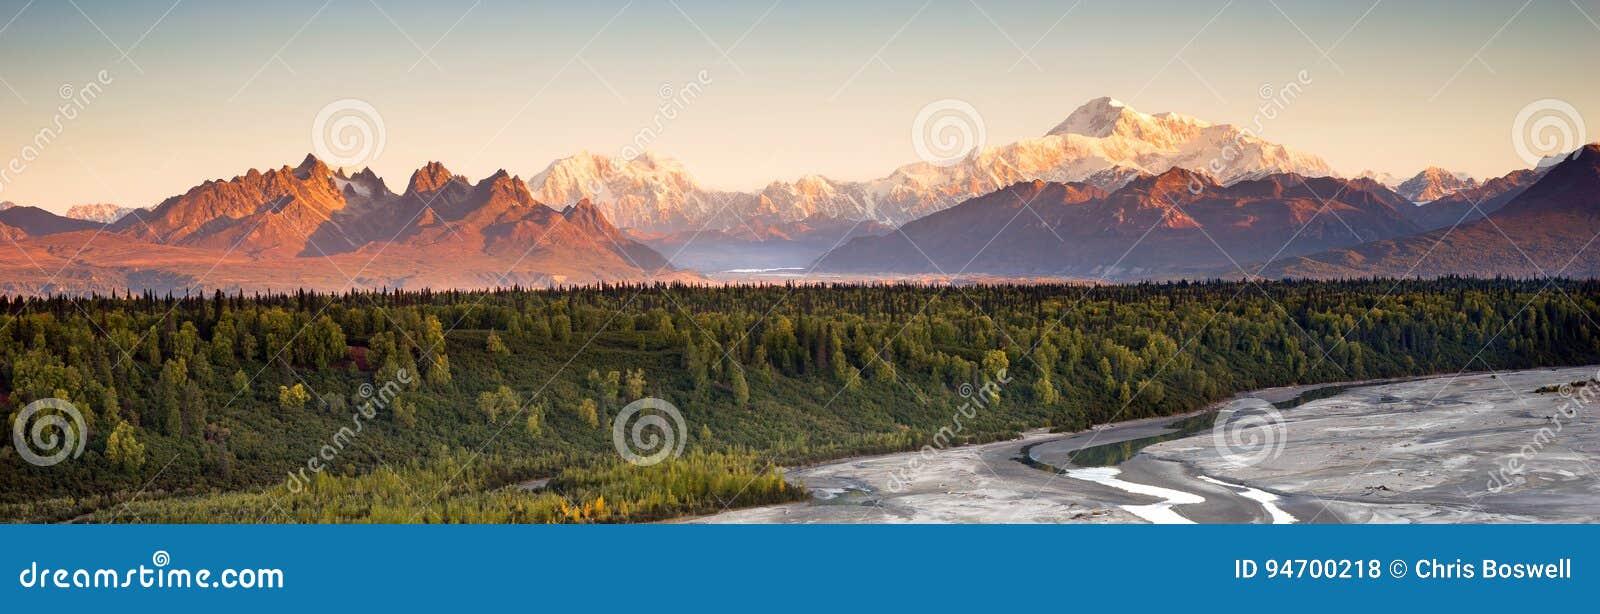 ΑΜ McKinley Αλάσκα Βόρεια Αμερική σειράς Denali